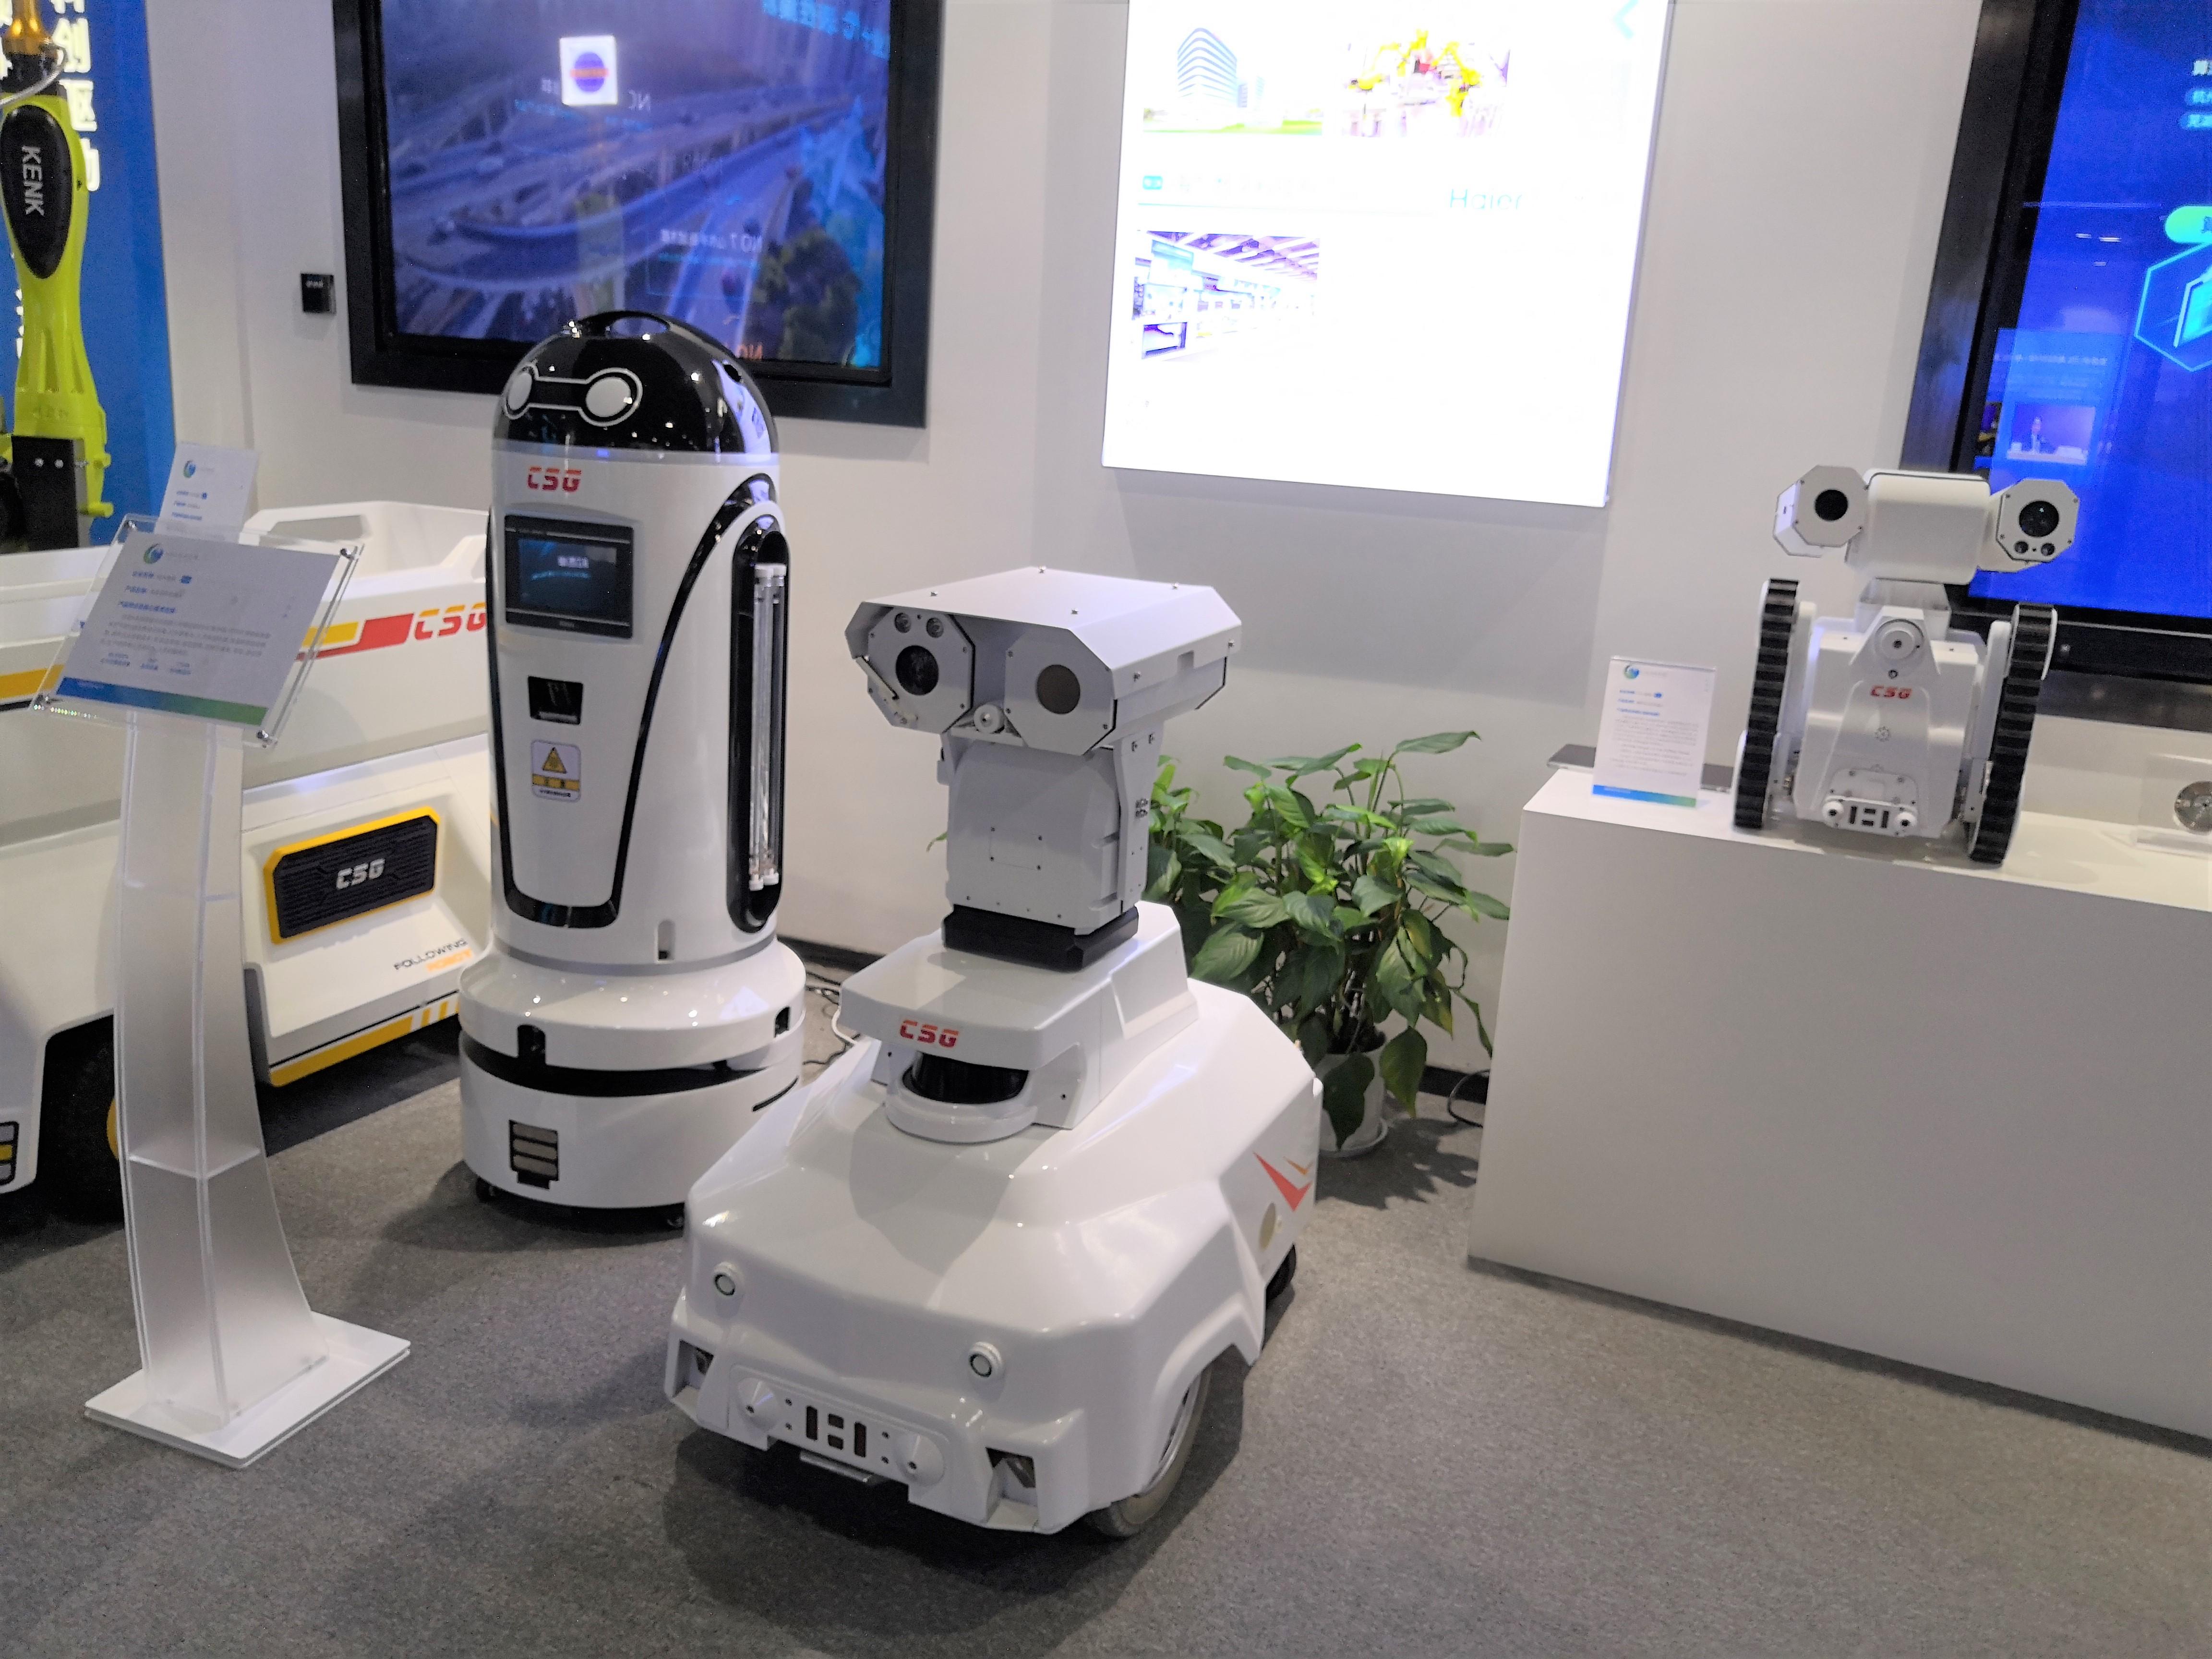 科大智能研发制造的机器人,分别应用于不同场景。澎湃新闻见习记者 陈悦 图